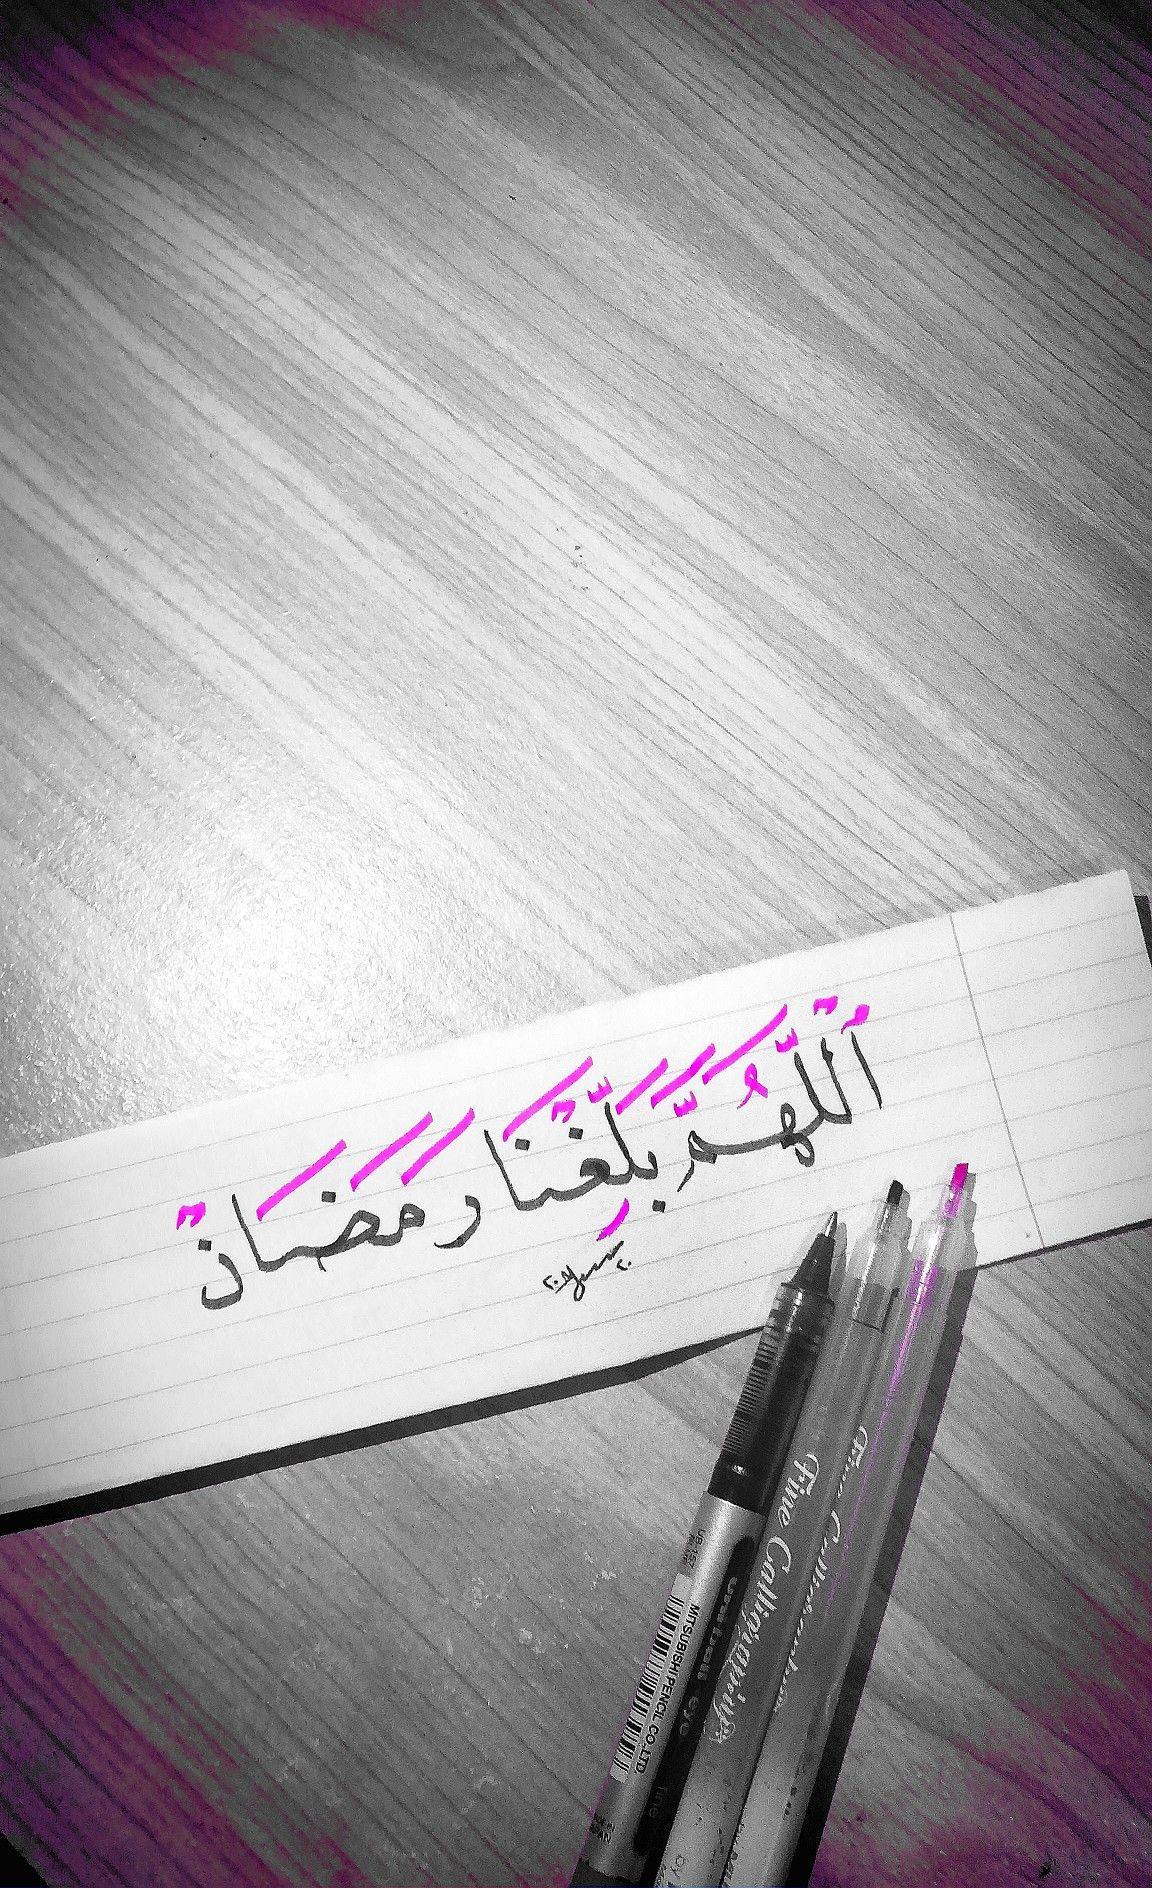 رمضان كريم شهر مبارك اللهم بلغنا شهر رمضان لا فاقدين ولا مفقودين وأعنا على صيامه وقيامه اللهم بلغنا اياه بلوغا يغير حالنا Quran Verses Holy Quran Verses